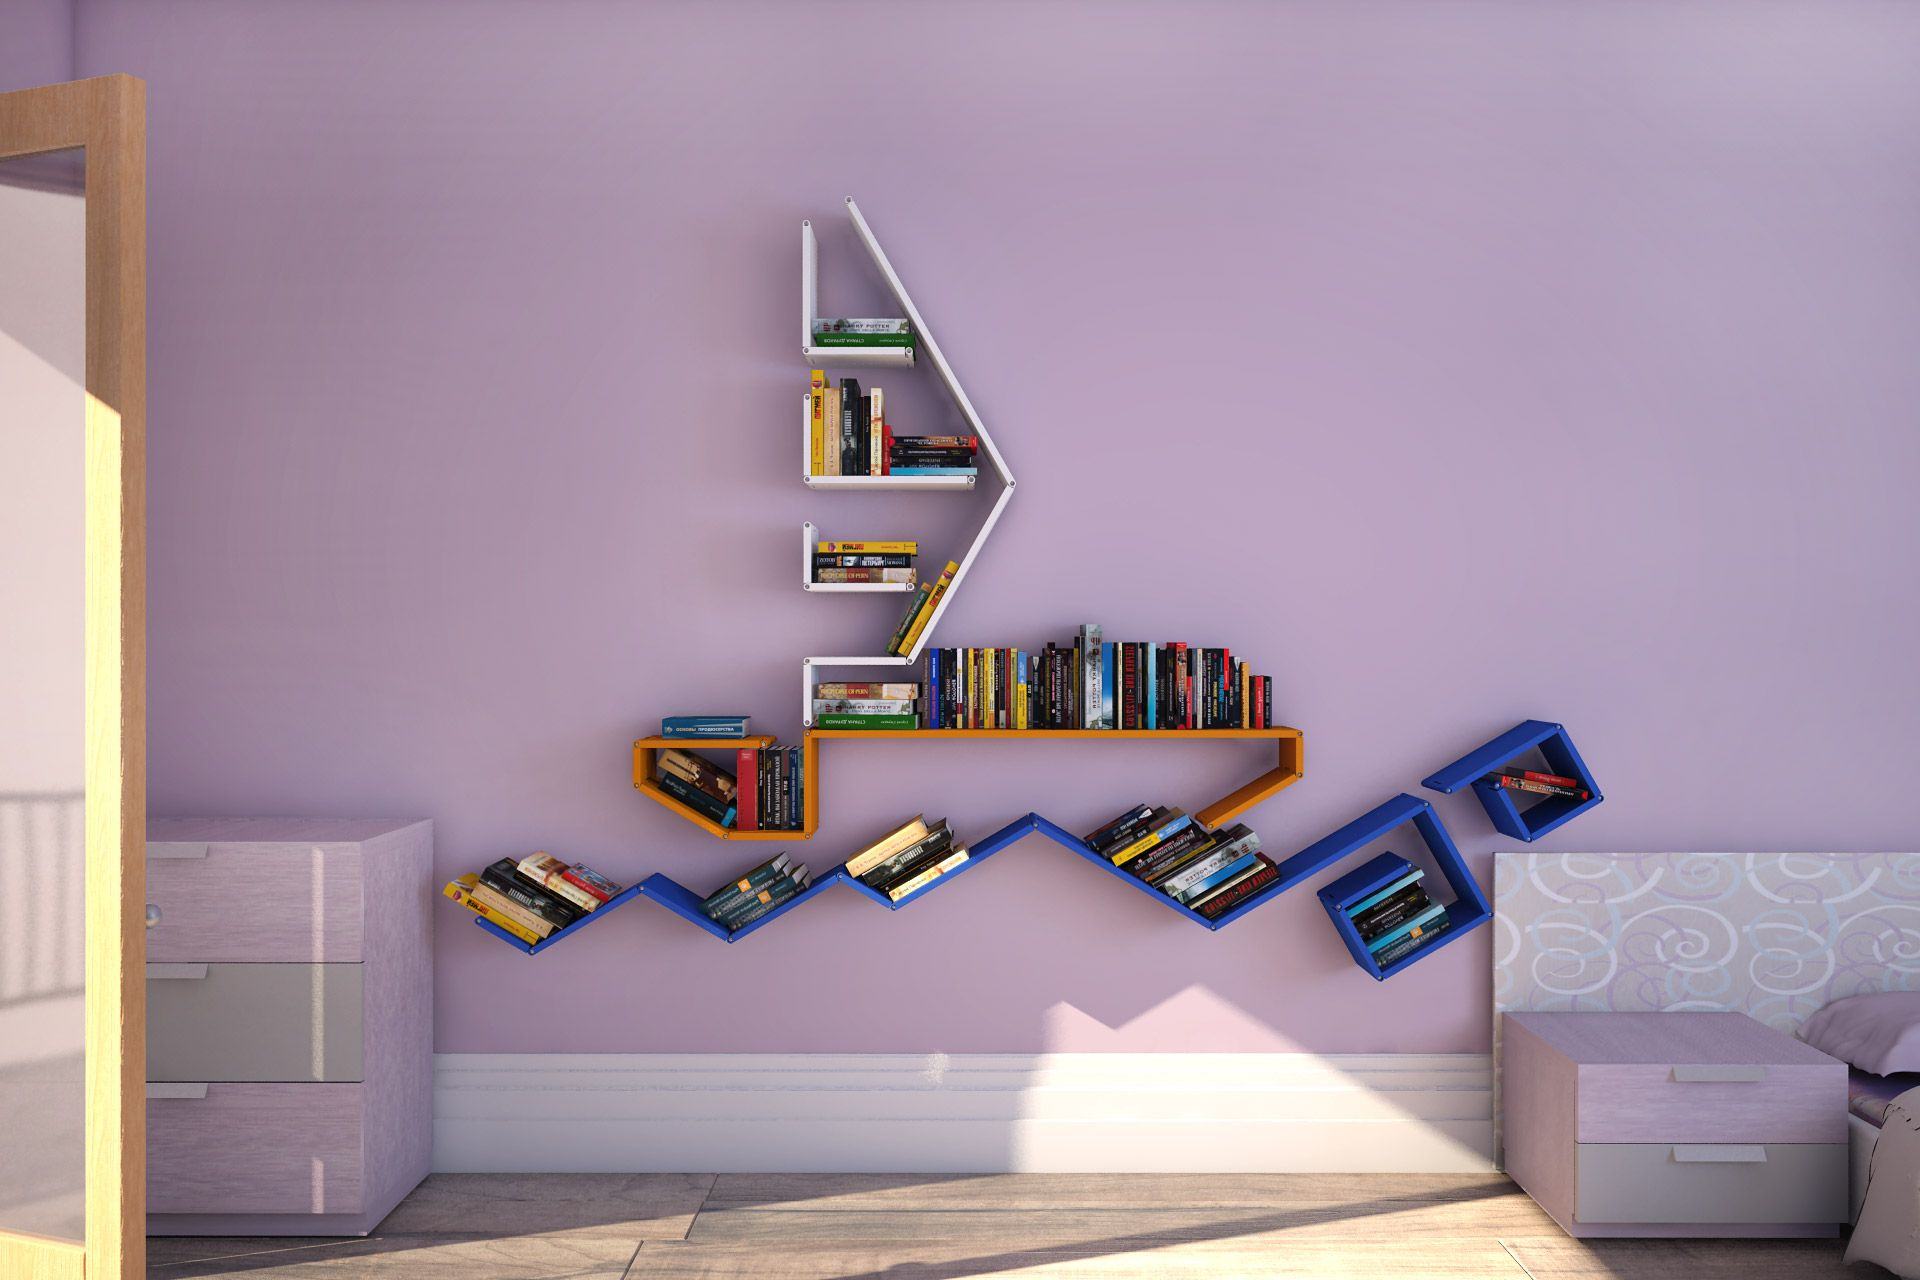 Полки на стену фото подборка идей